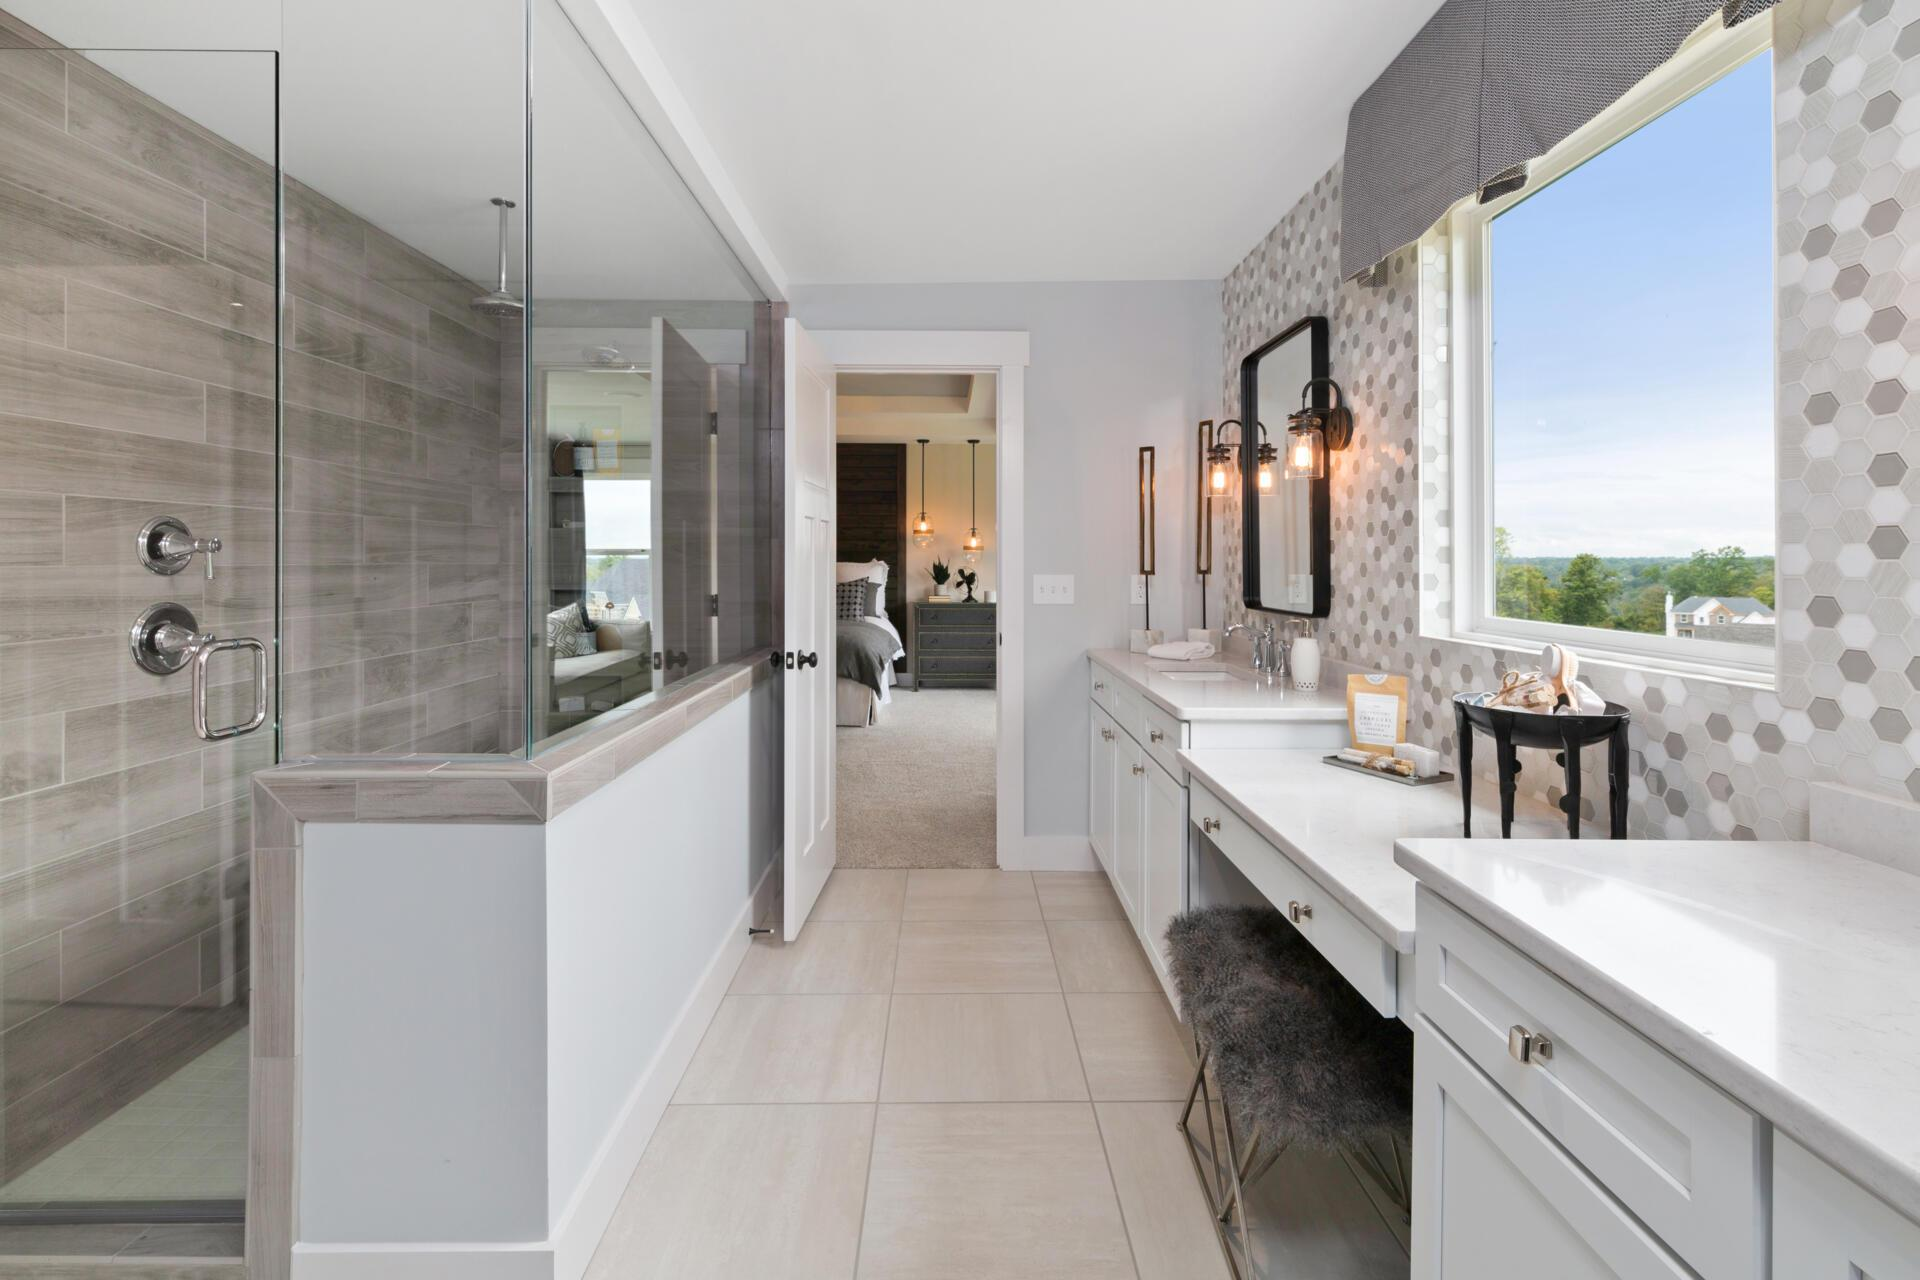 Bathroom featured in the Vanderburgh By Drees Homes in Cincinnati, KY